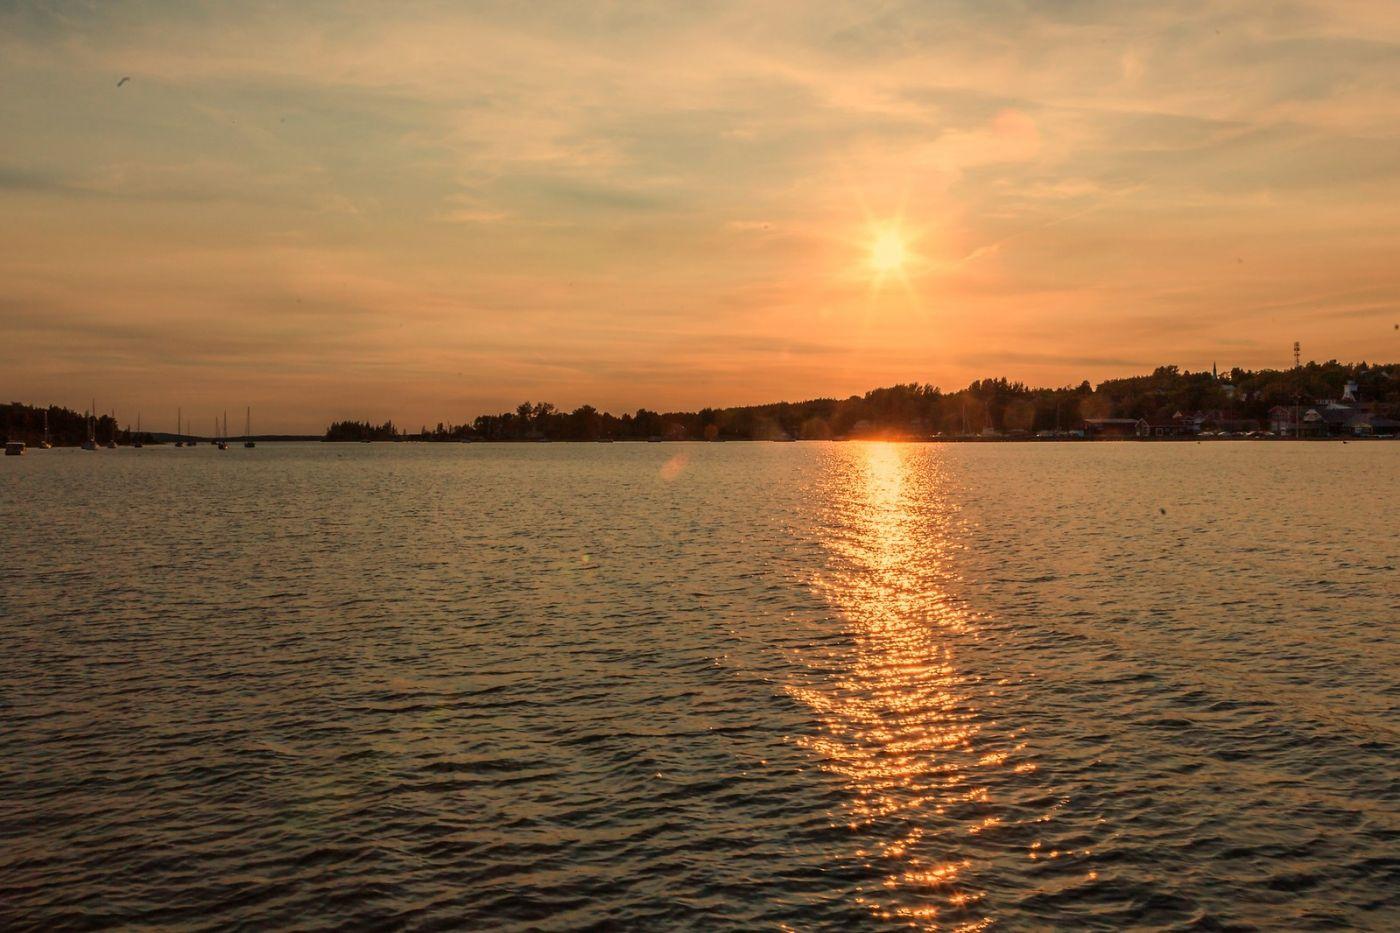 加拿大Nova Scotia, 帆船灯塔老鹰_图1-31